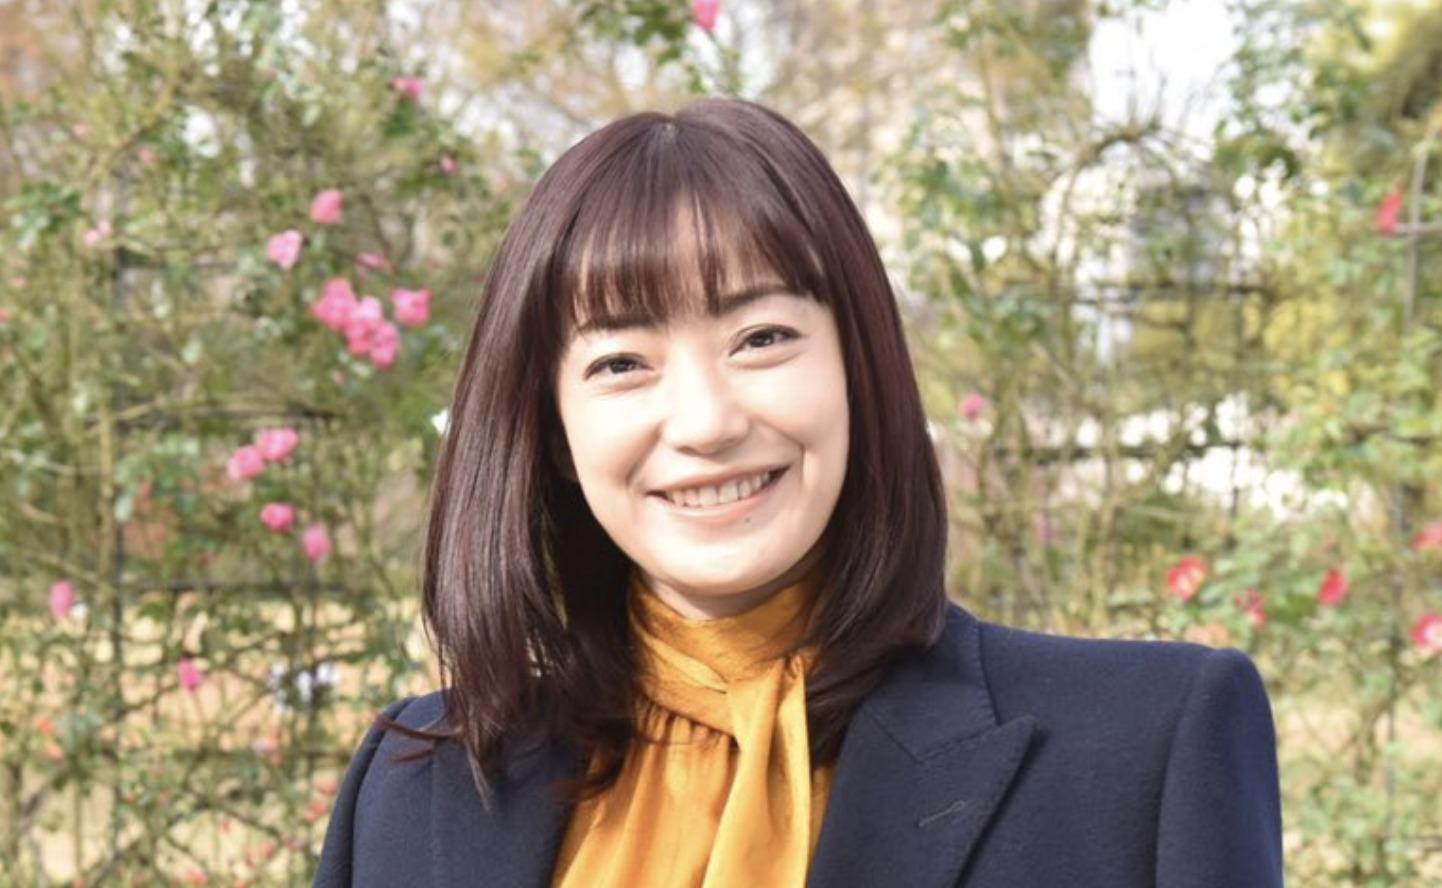 菅野美穂さんの画像